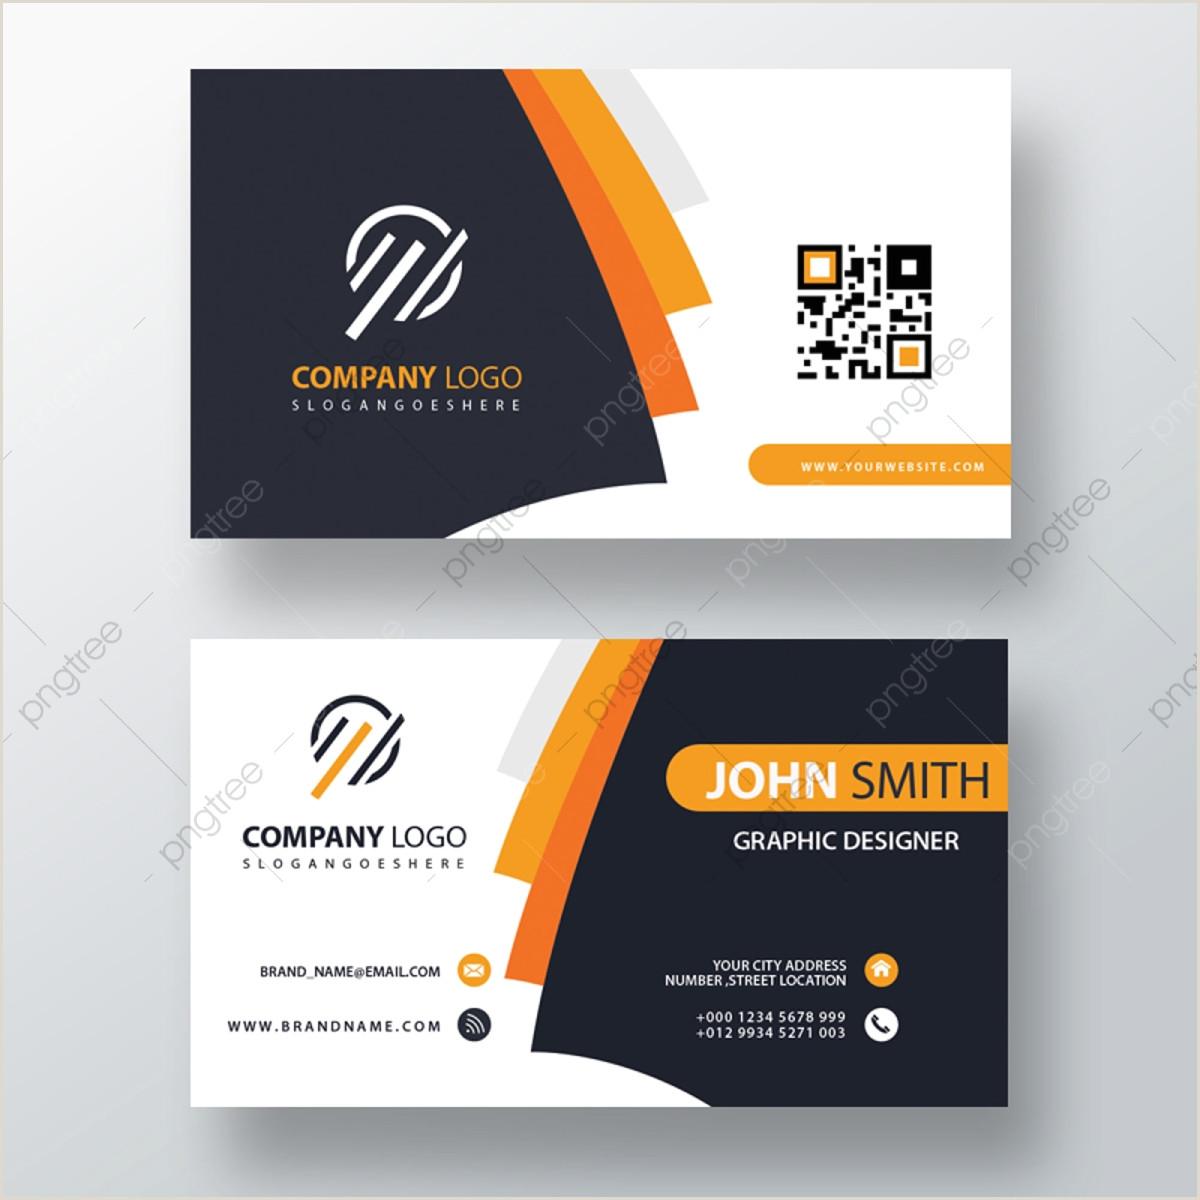 Online Visiting Card Design Business Card Design Png